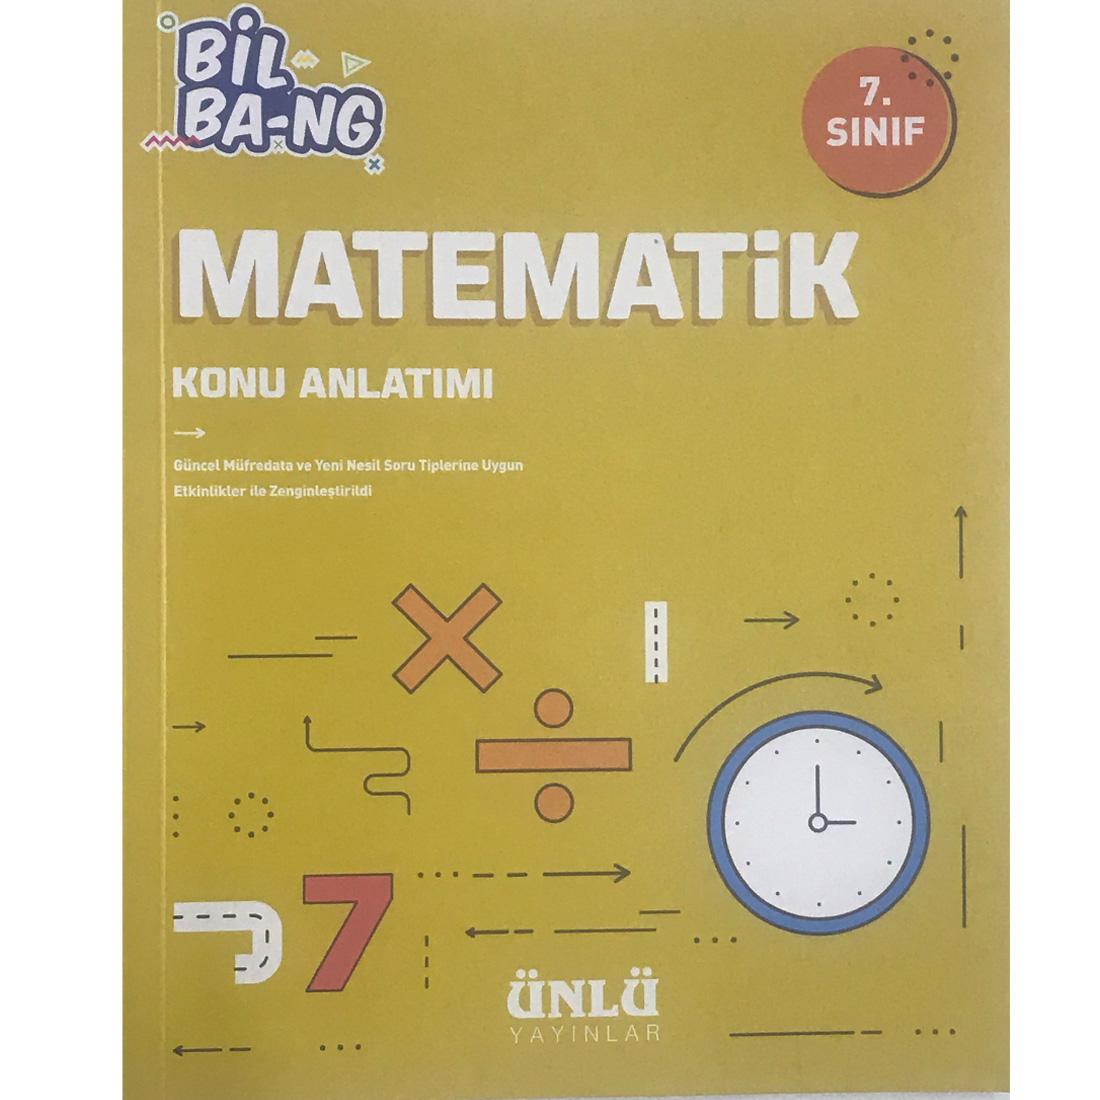 Kültür 7. Sınıf Bil Ba-Ng Matematik Konu Anlatımı